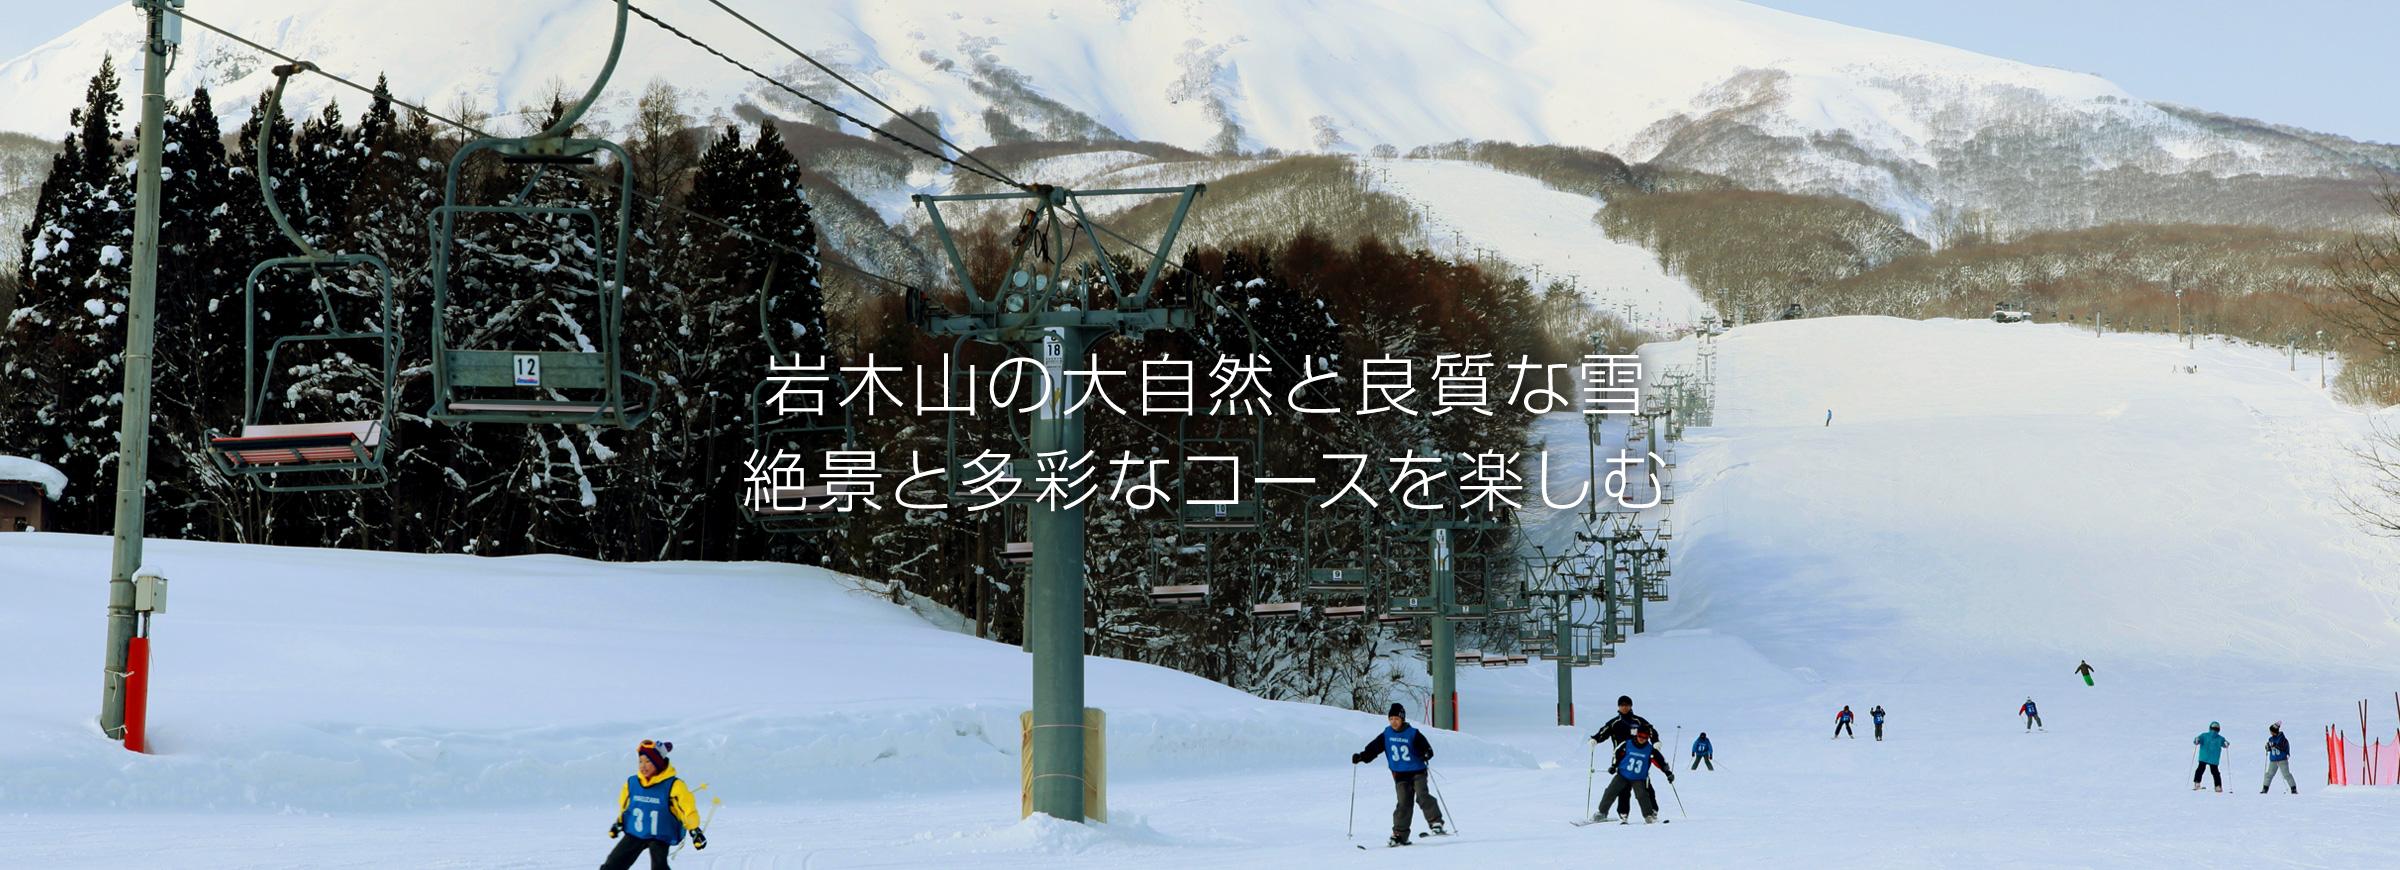 百沢スキー場では全コースがスノーボード・スノースクートなど滑走可能